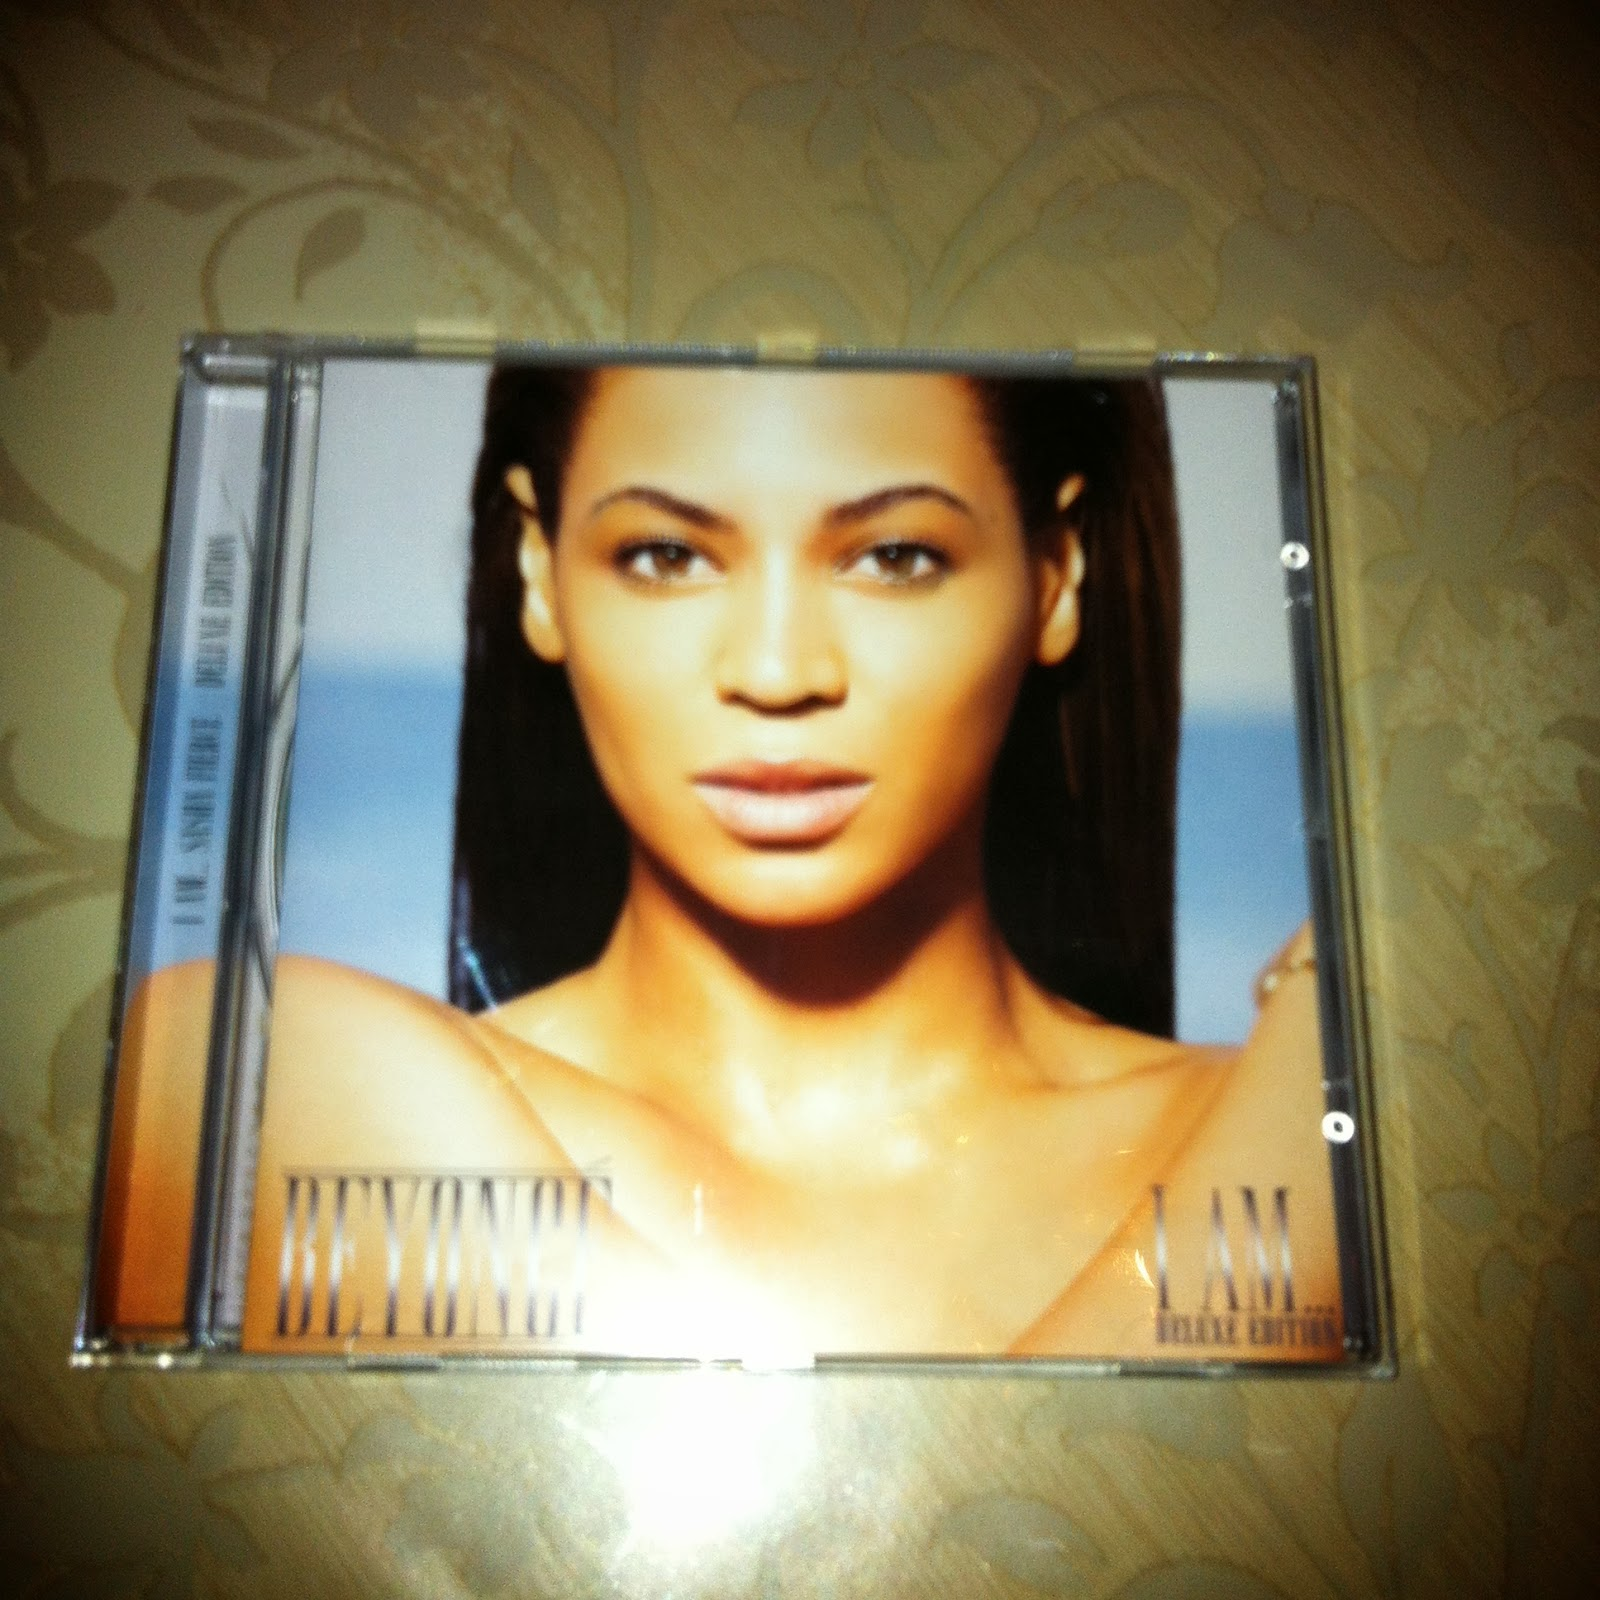 Beyoncé Deluxe Beyoncé: Swiss Lady Gaga Collection: Beyoncé